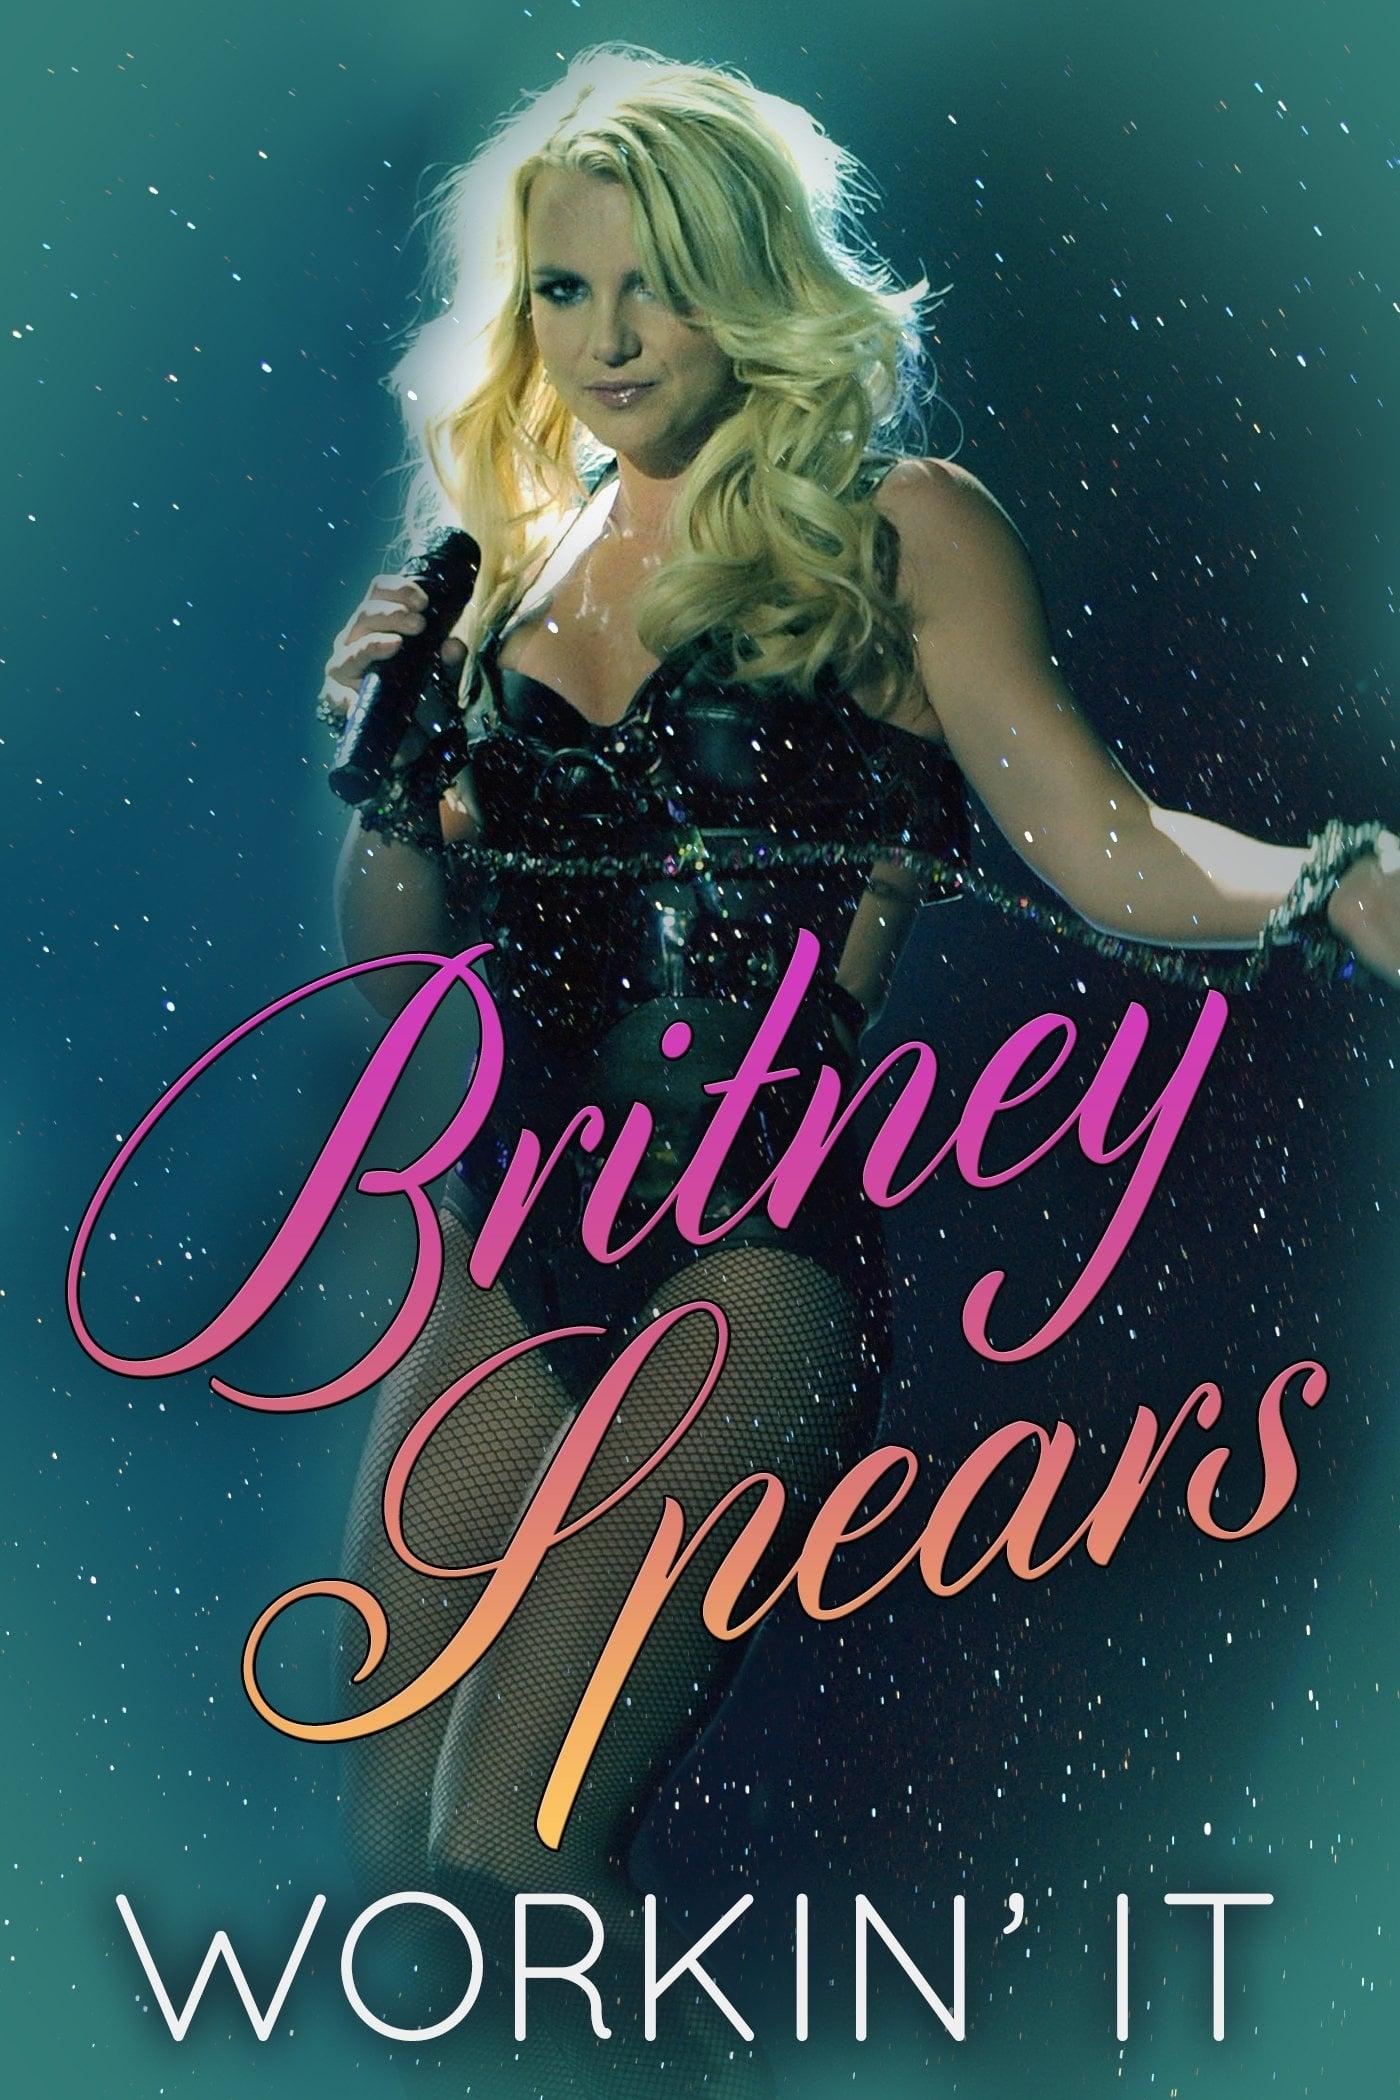 Britney Spears Workin' It